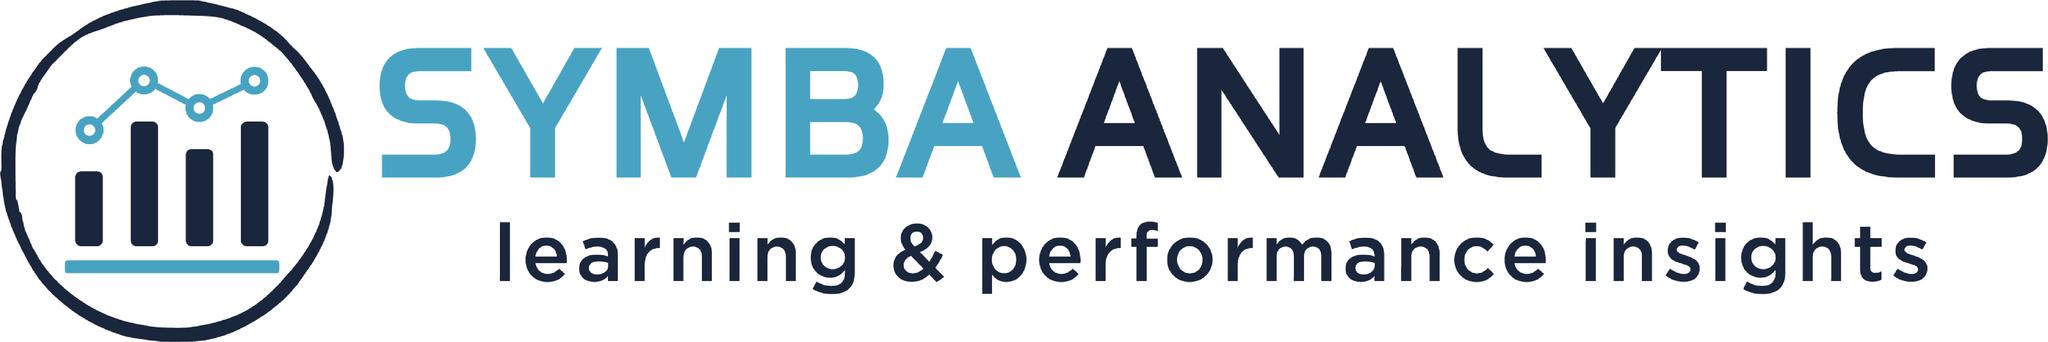 Symba Analytics